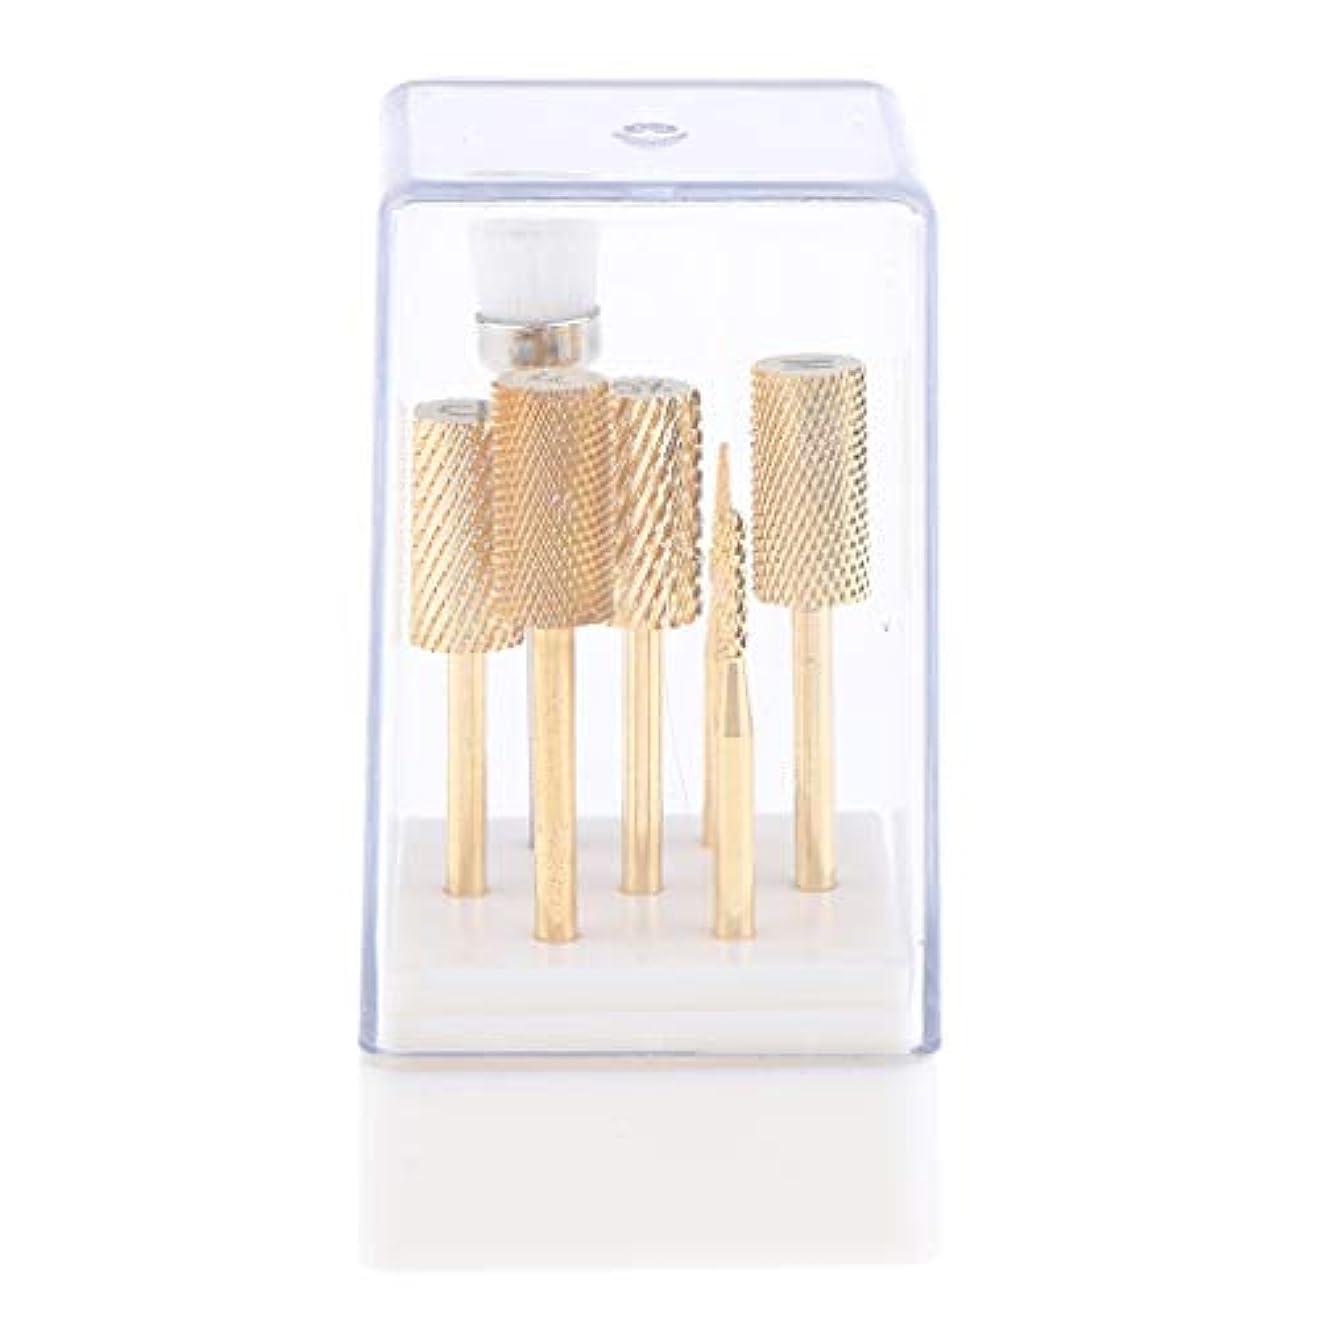 忌み嫌う一貫性のないひいきにするP Prettyia 7点 ネイルドリルビット 電動ネイルマシン適用 ゴールド ケース付き